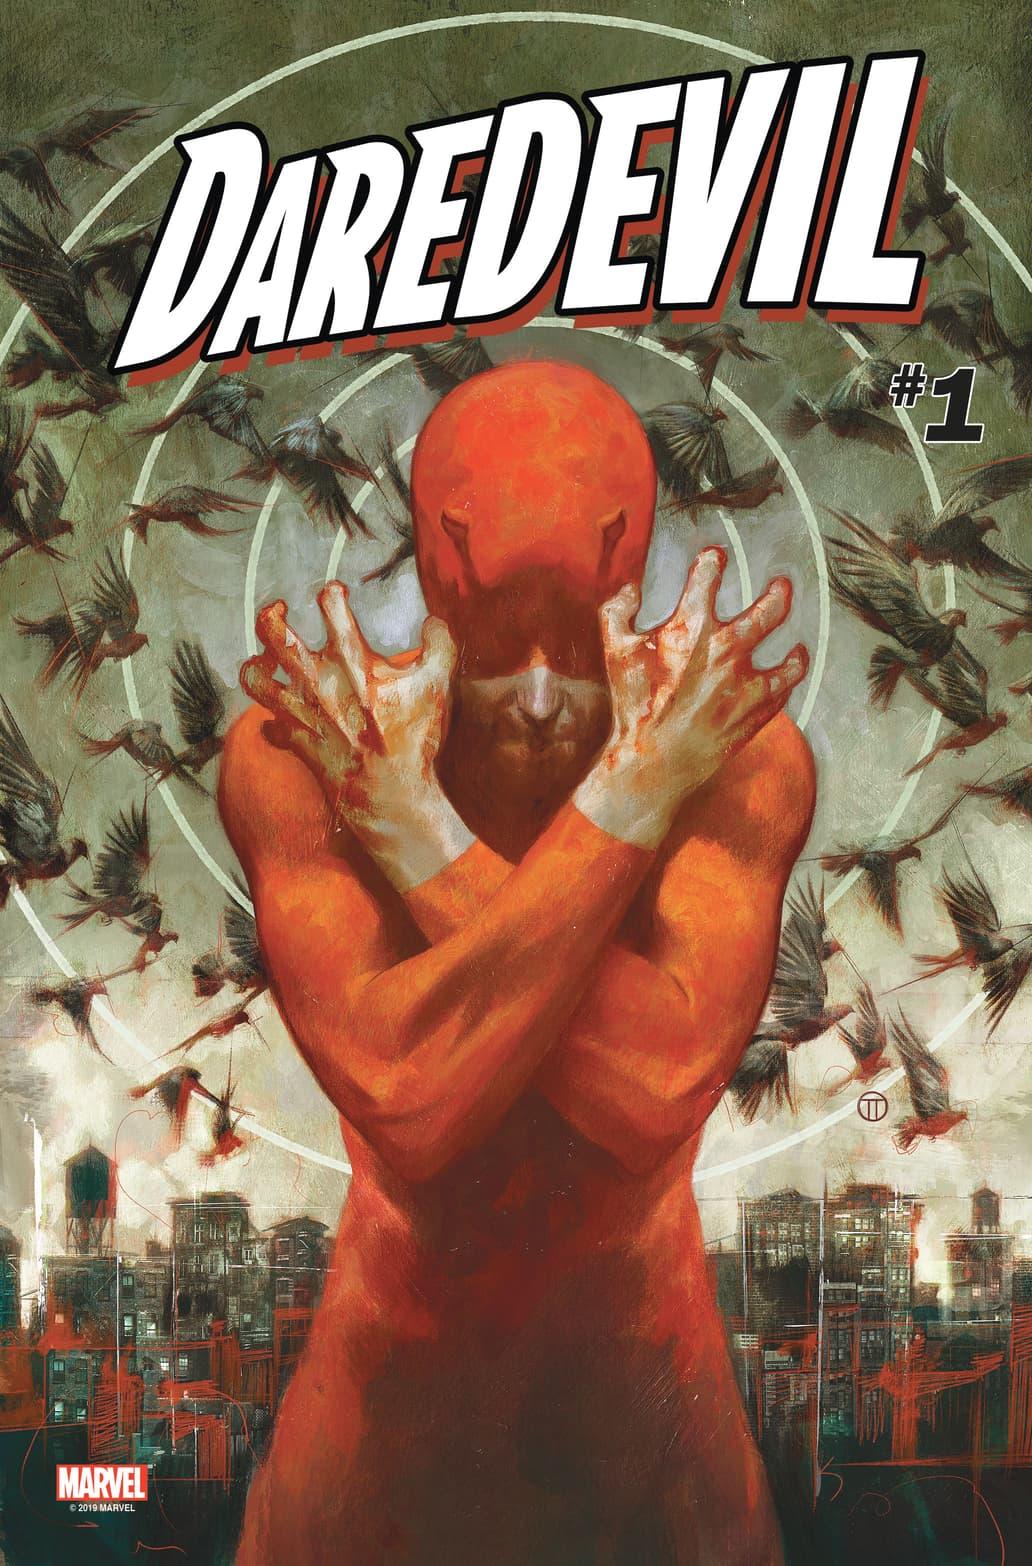 Cover of Daredevil #1